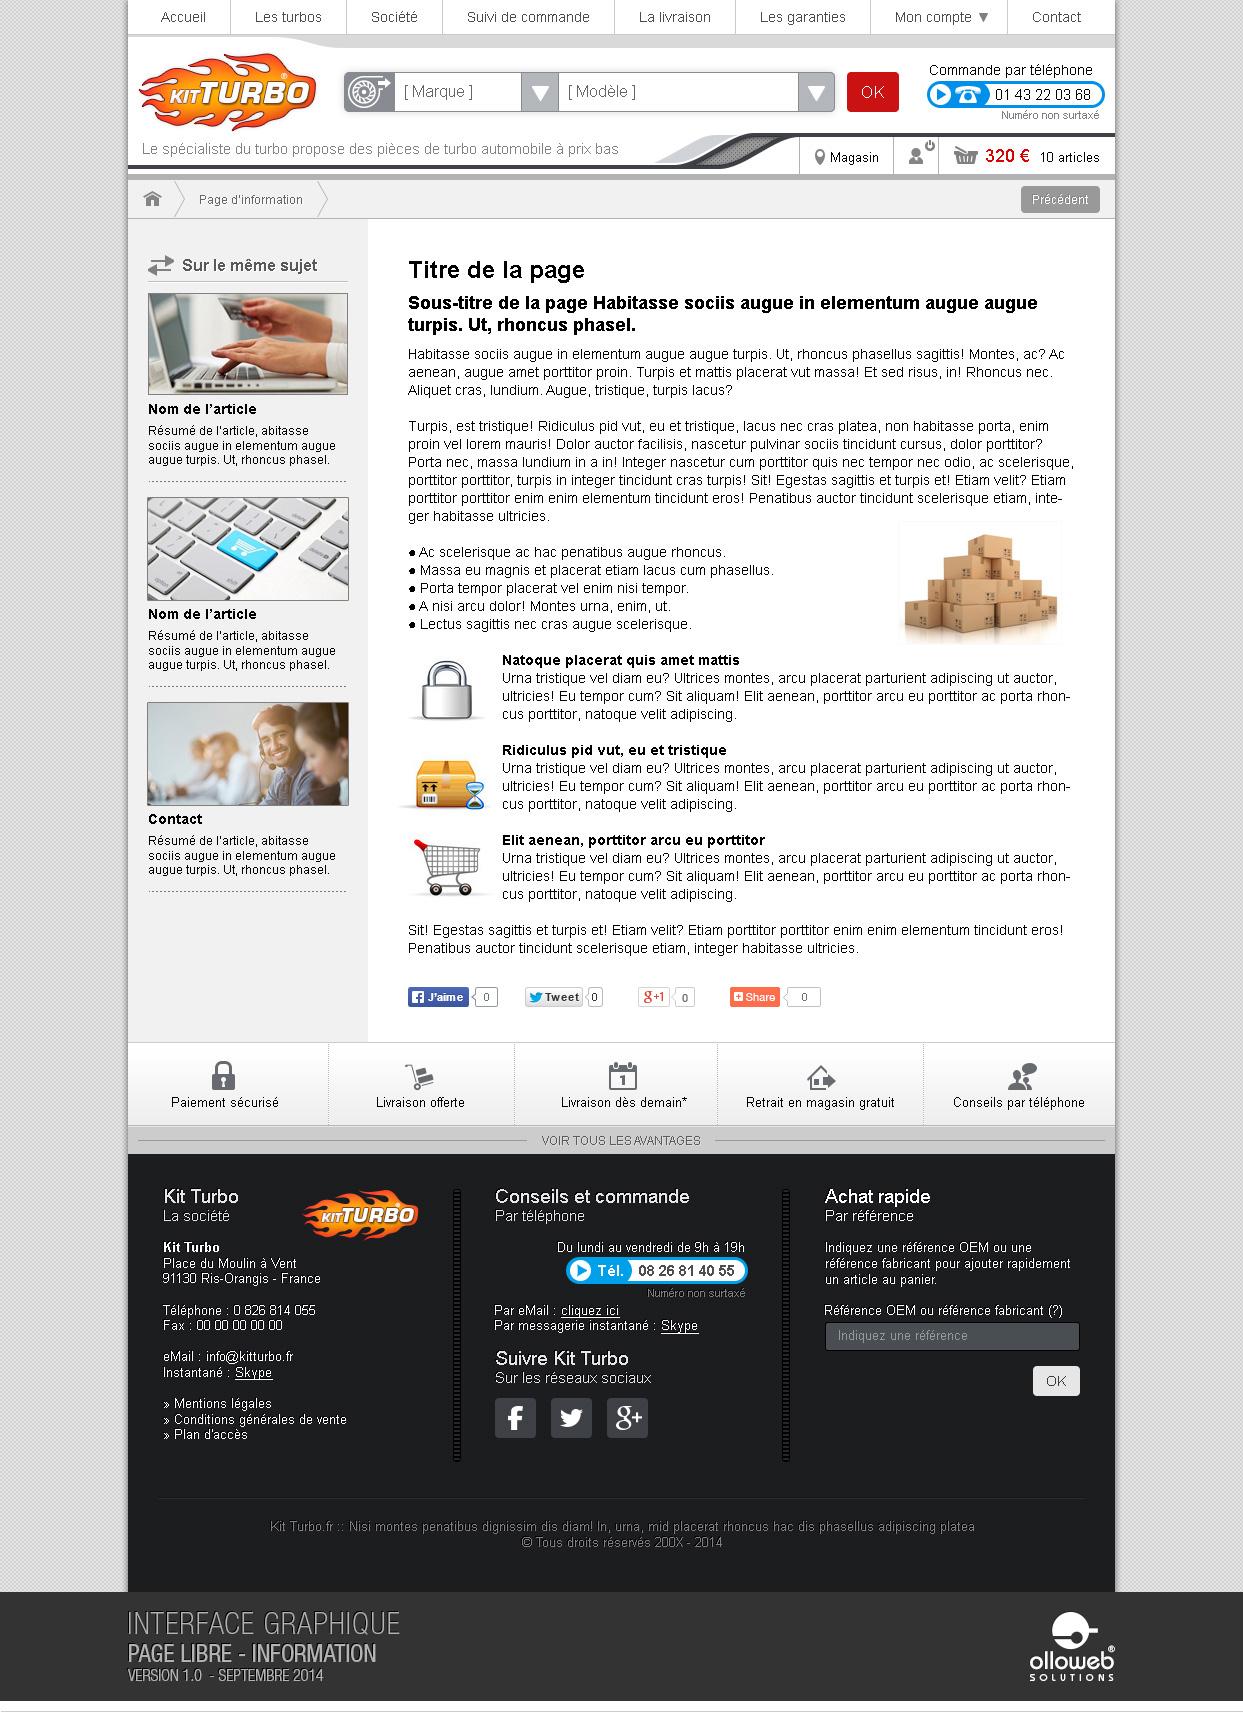 Graphisme du modèle des pages d'informations